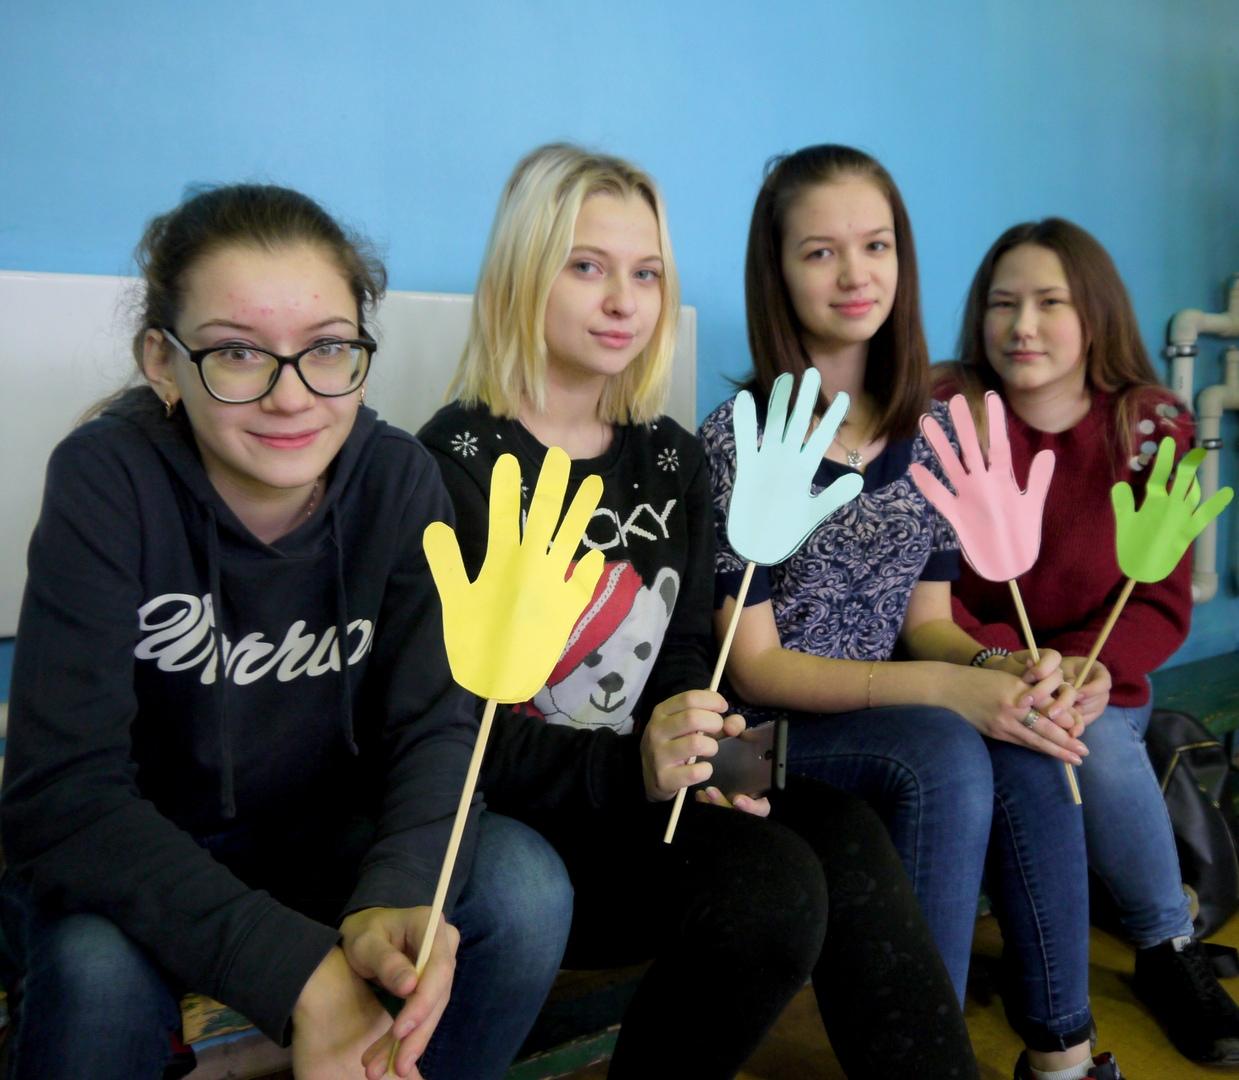 В Белове проходили студенческие соревнования по брумболу, 23 января 2019 г. День студента